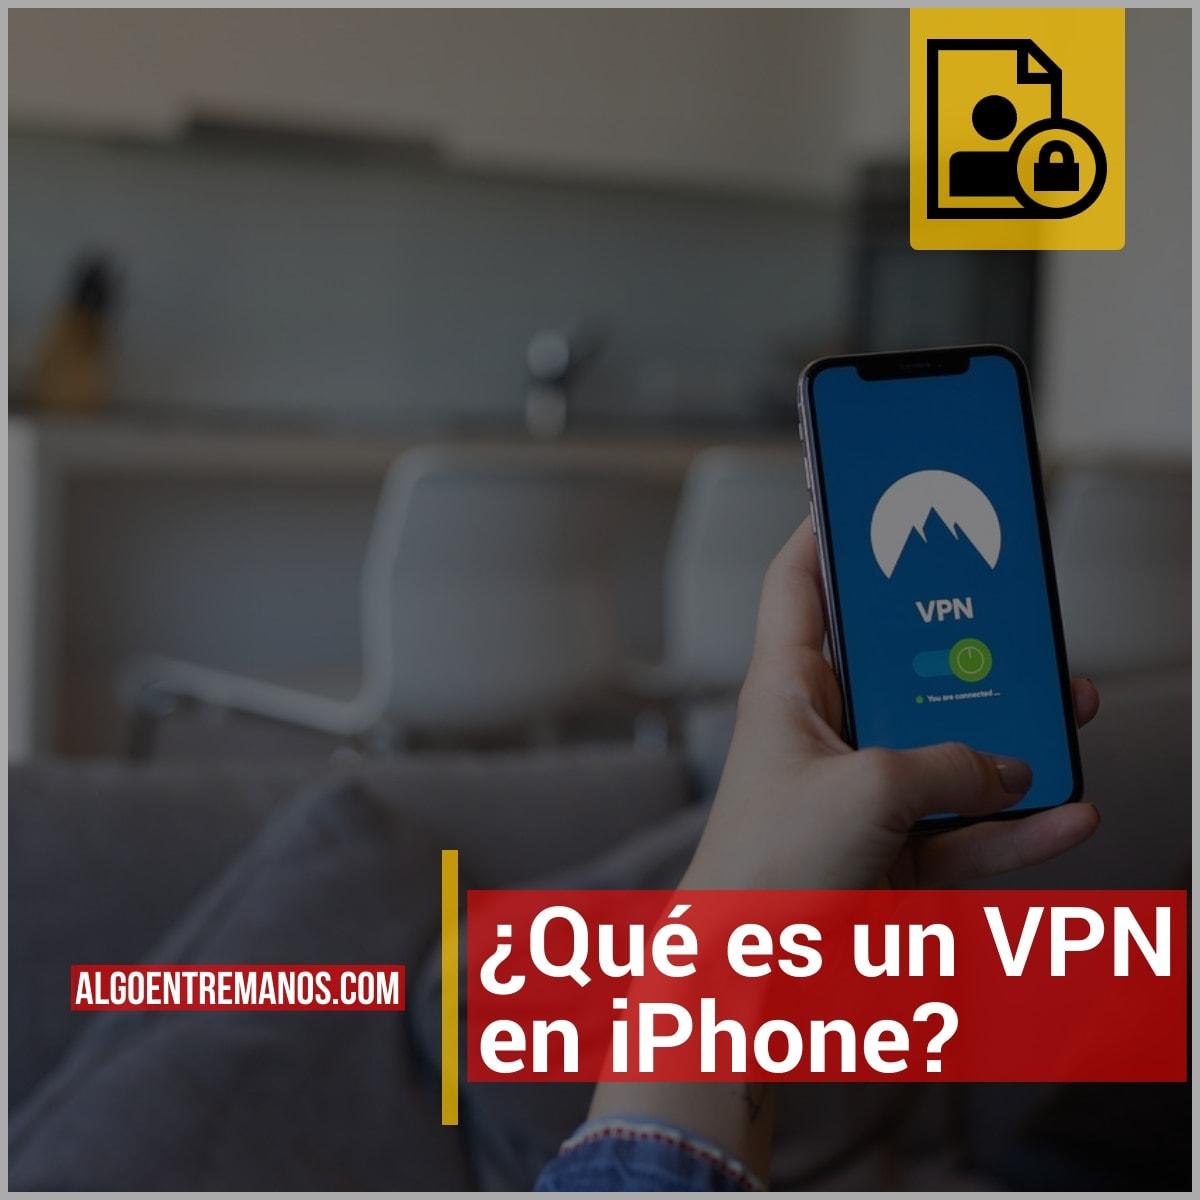 ¿Qué es un VPN en iPhone? Cómo configurarlo de manera sencilla en iOS